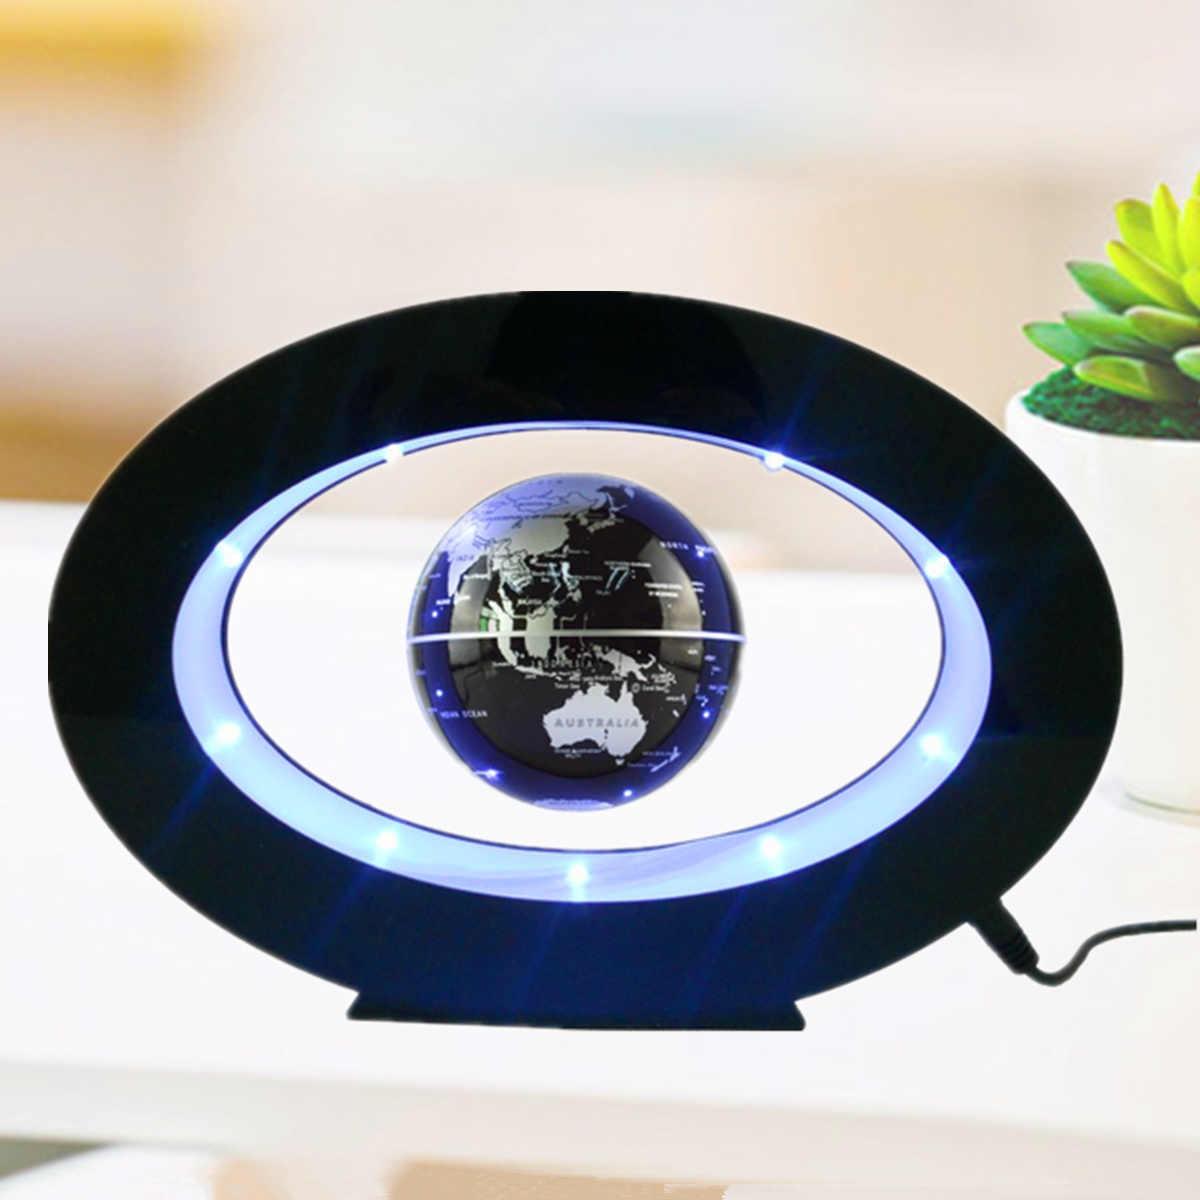 Новинка Круглый светодиодный карта мира плавающей глобус магнитной левитации свет антигравитация магии/роман лампы бола де плазмы Dec плазмы мяч